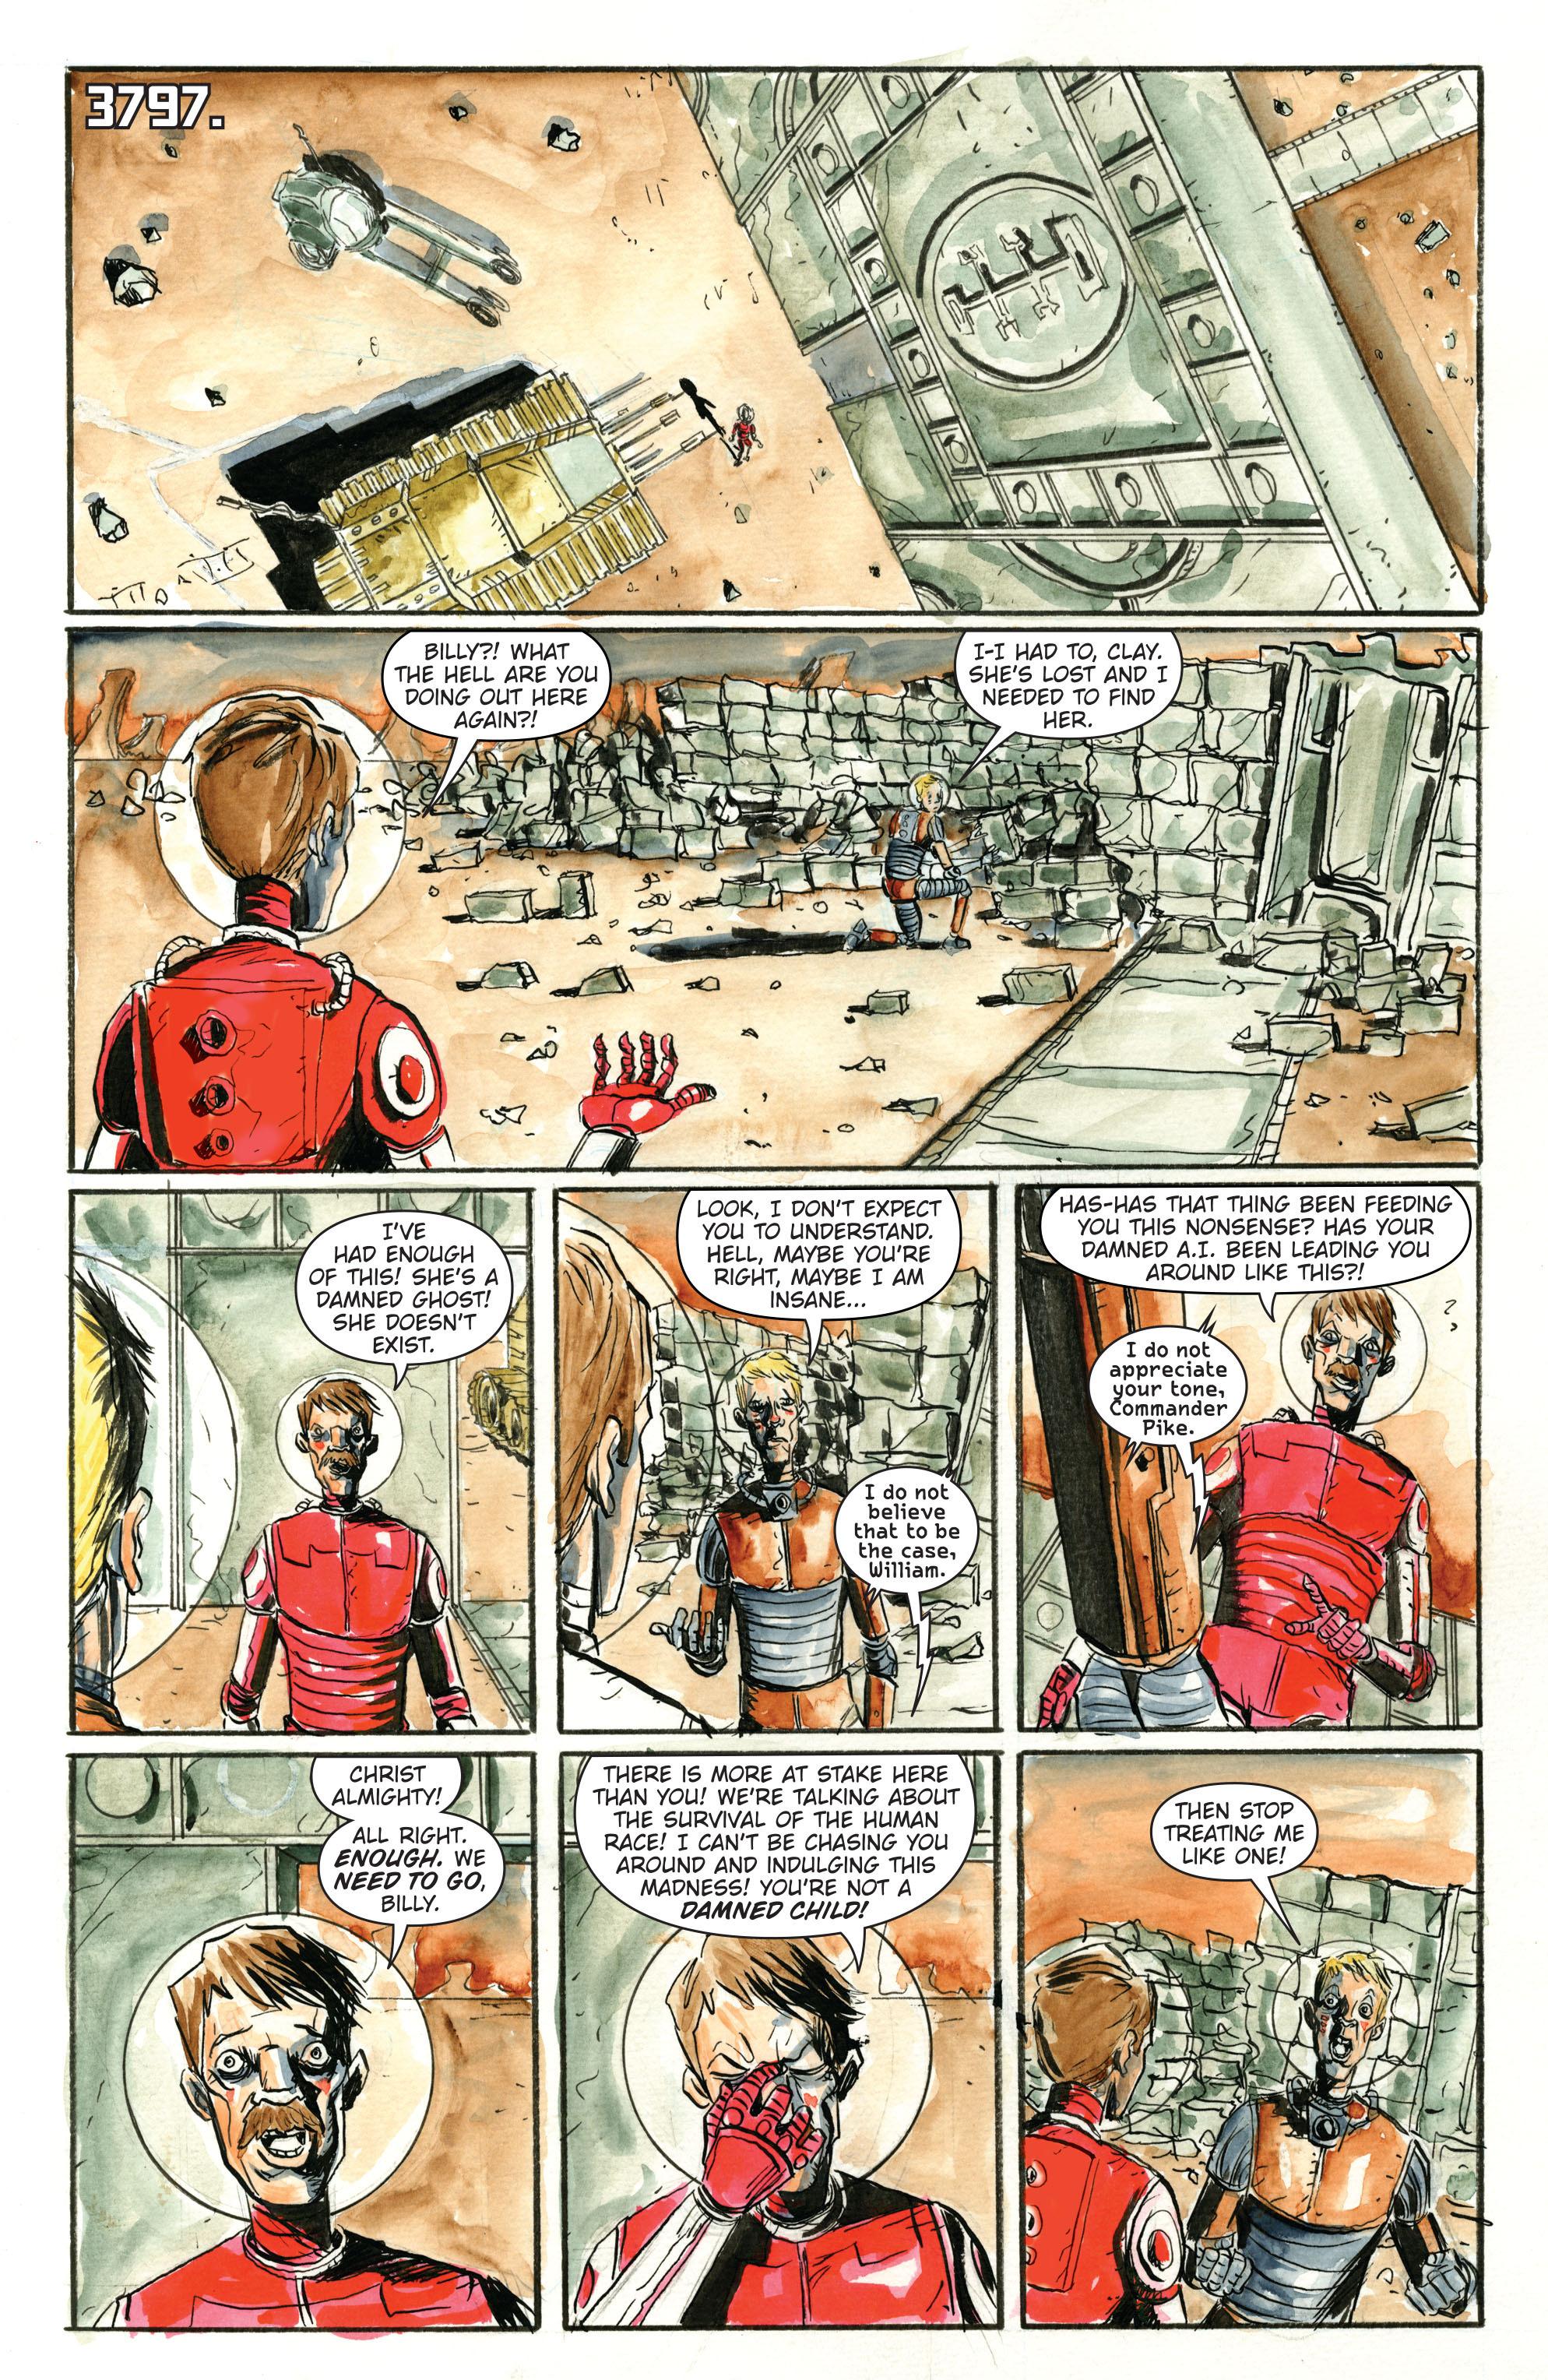 Read online Trillium comic -  Issue # TPB - 167